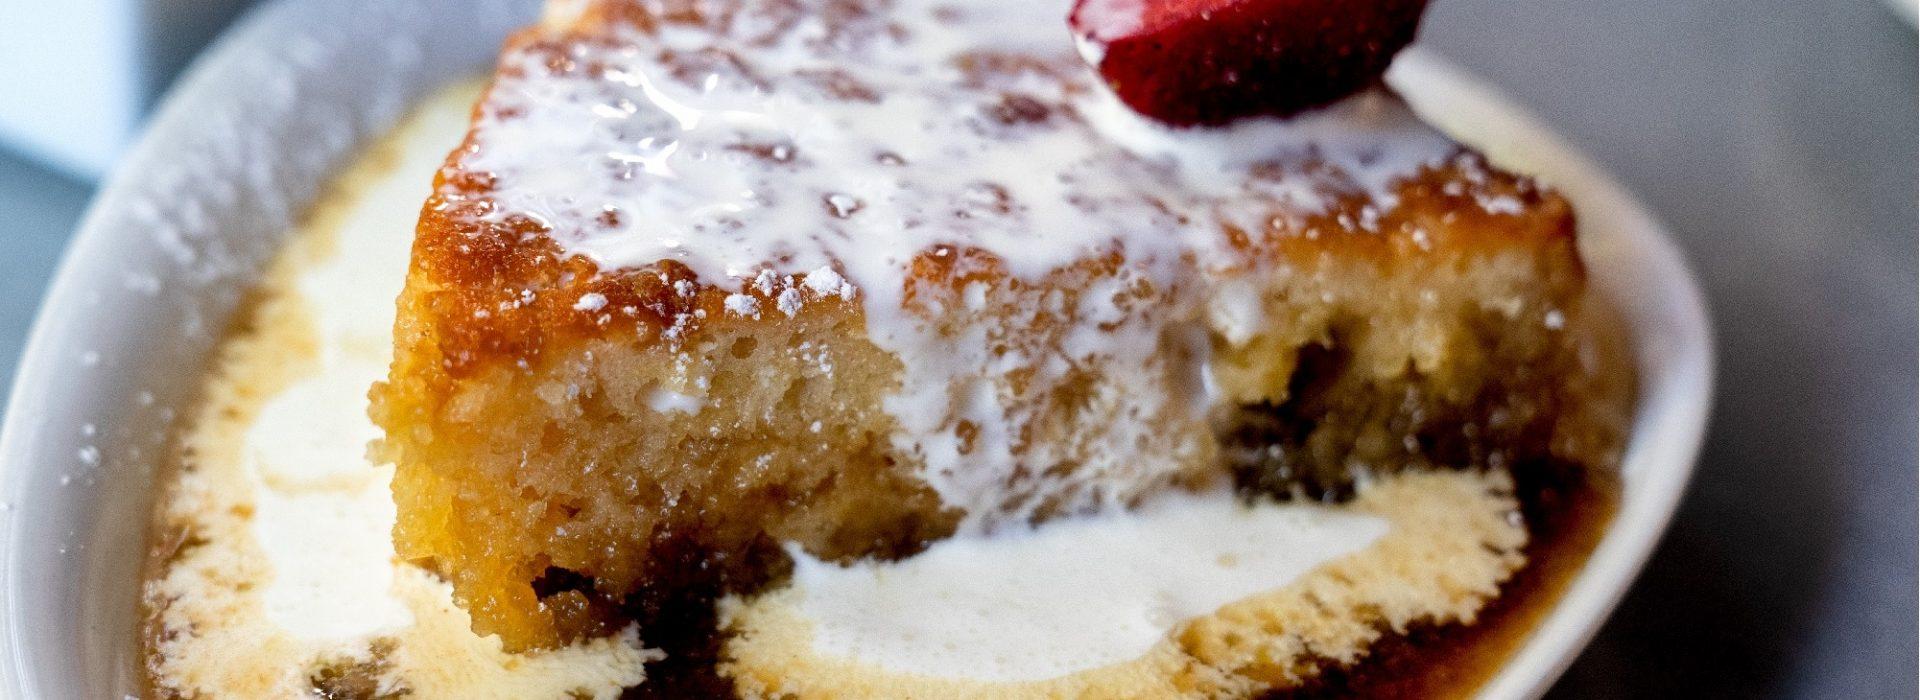 Quebec Desserts Blog Post